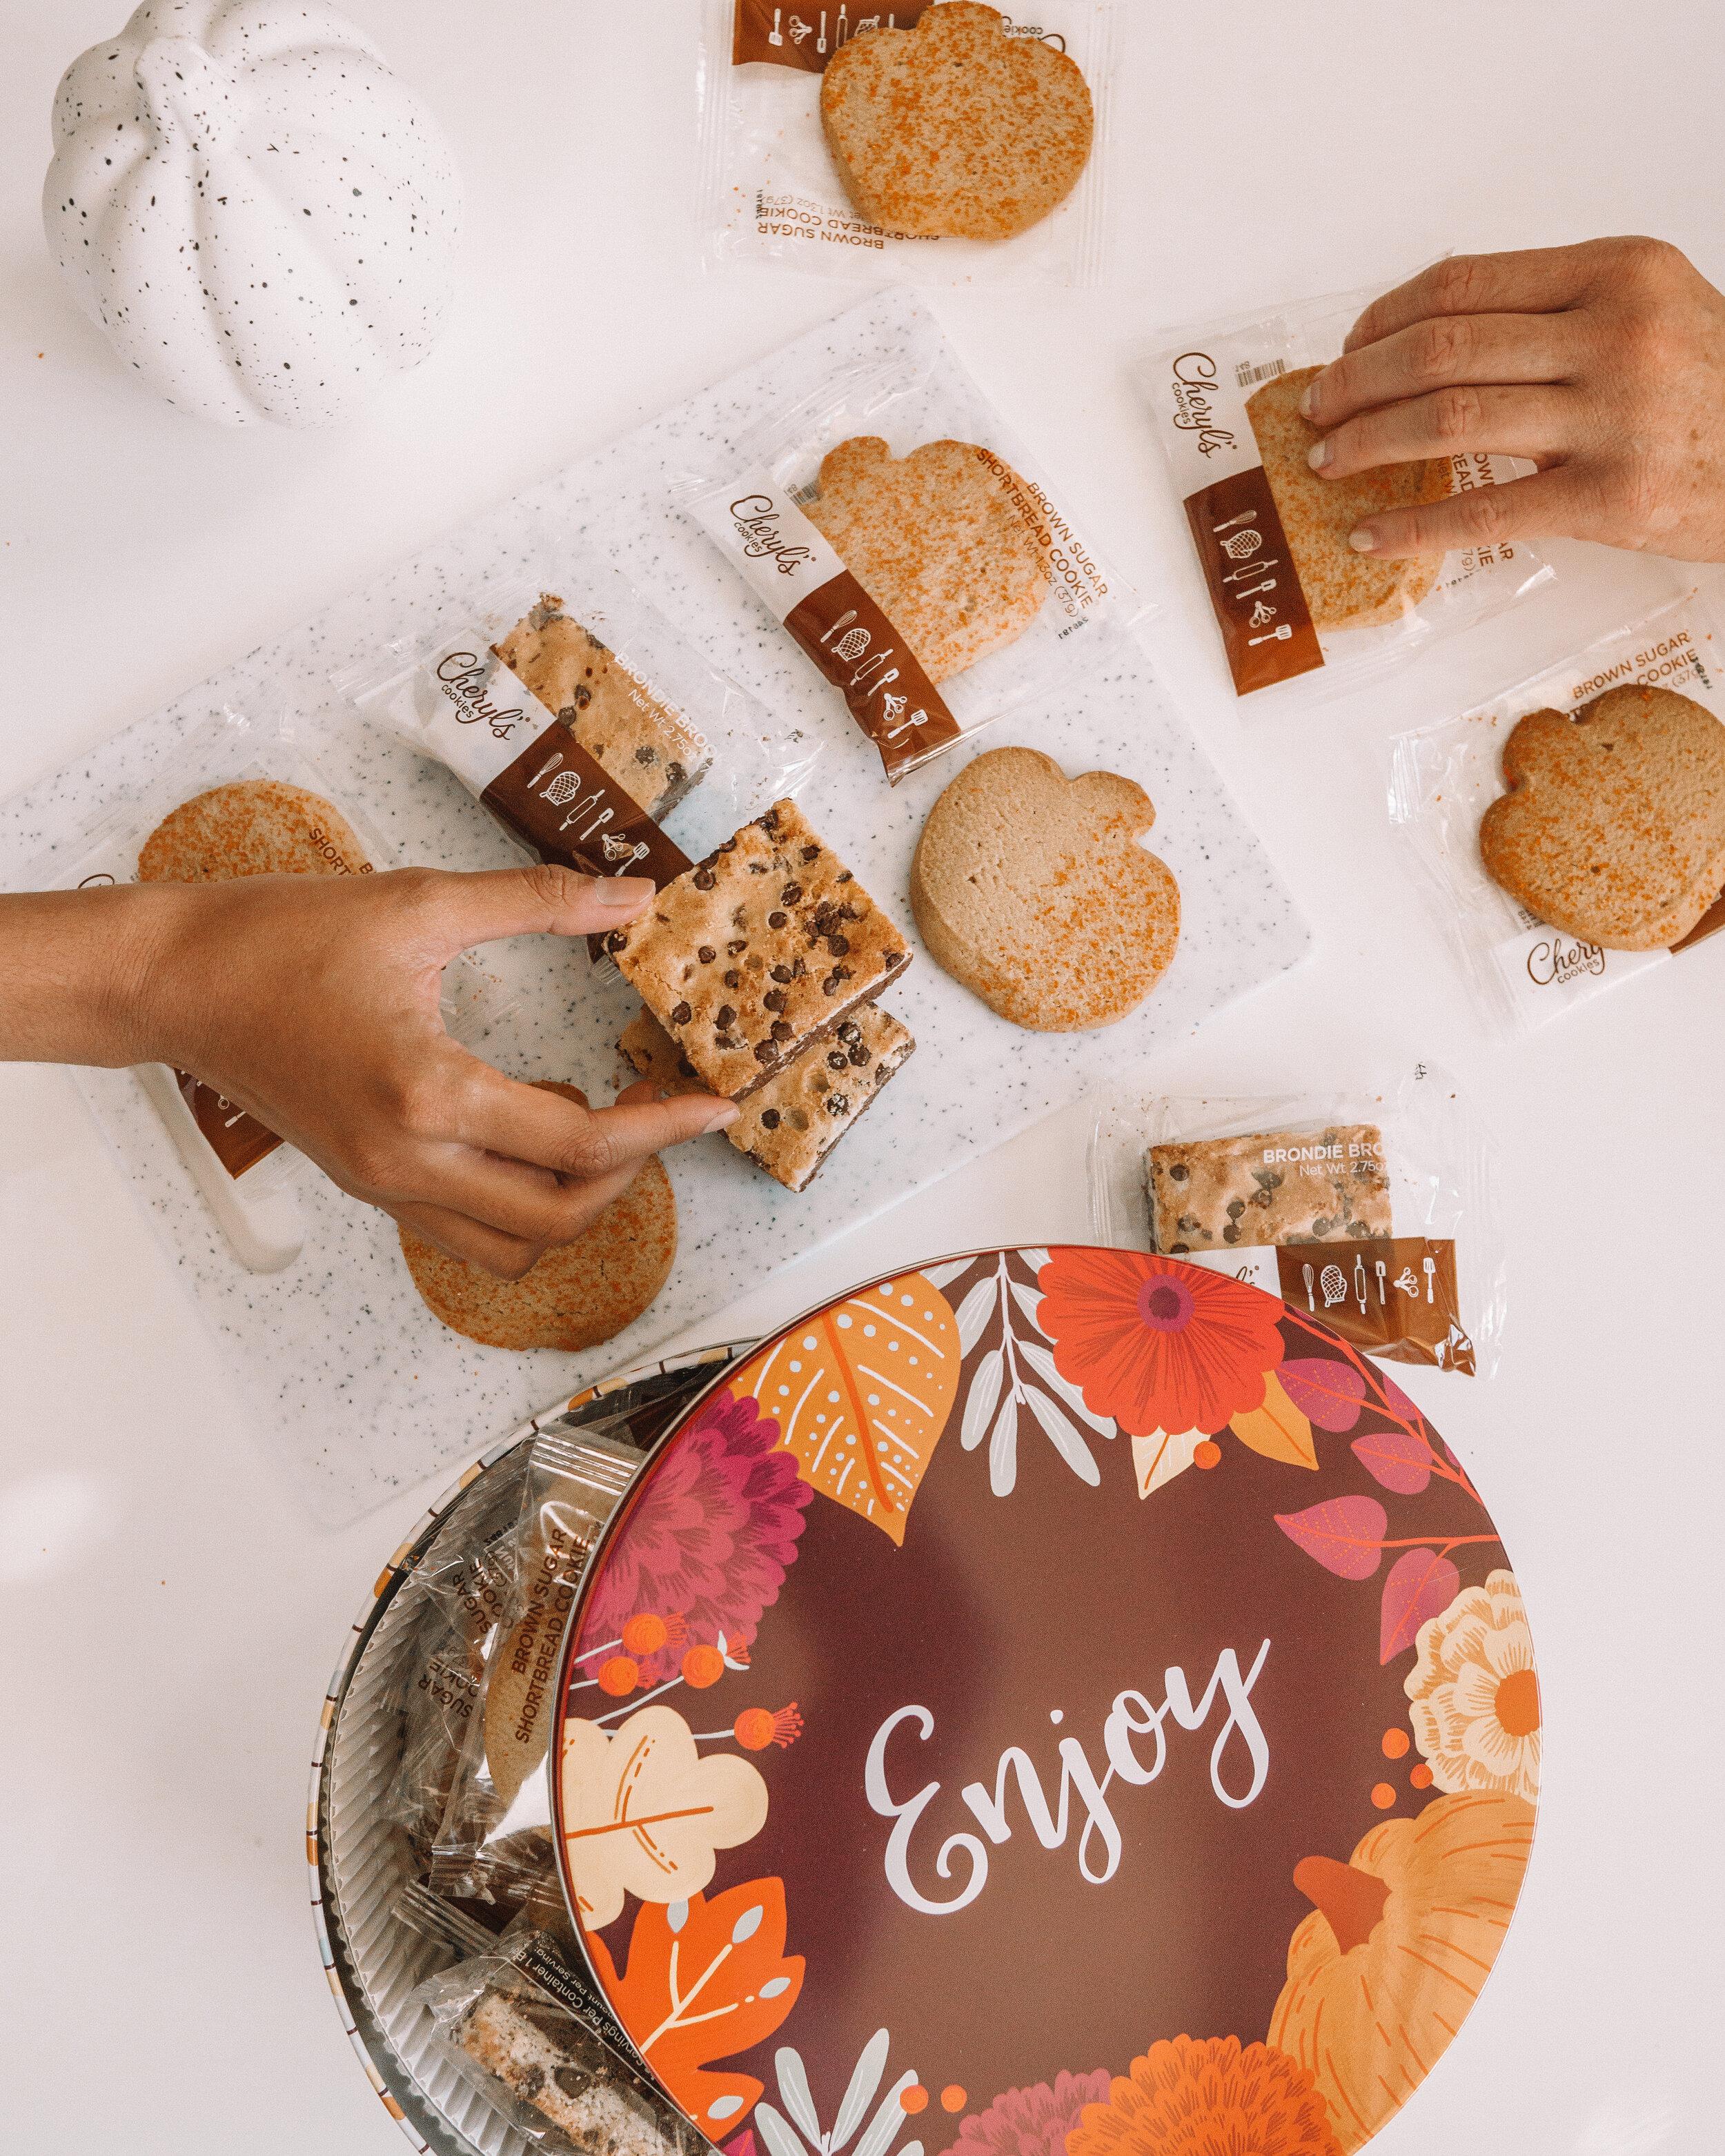 cheryls-cookies-7.jpg